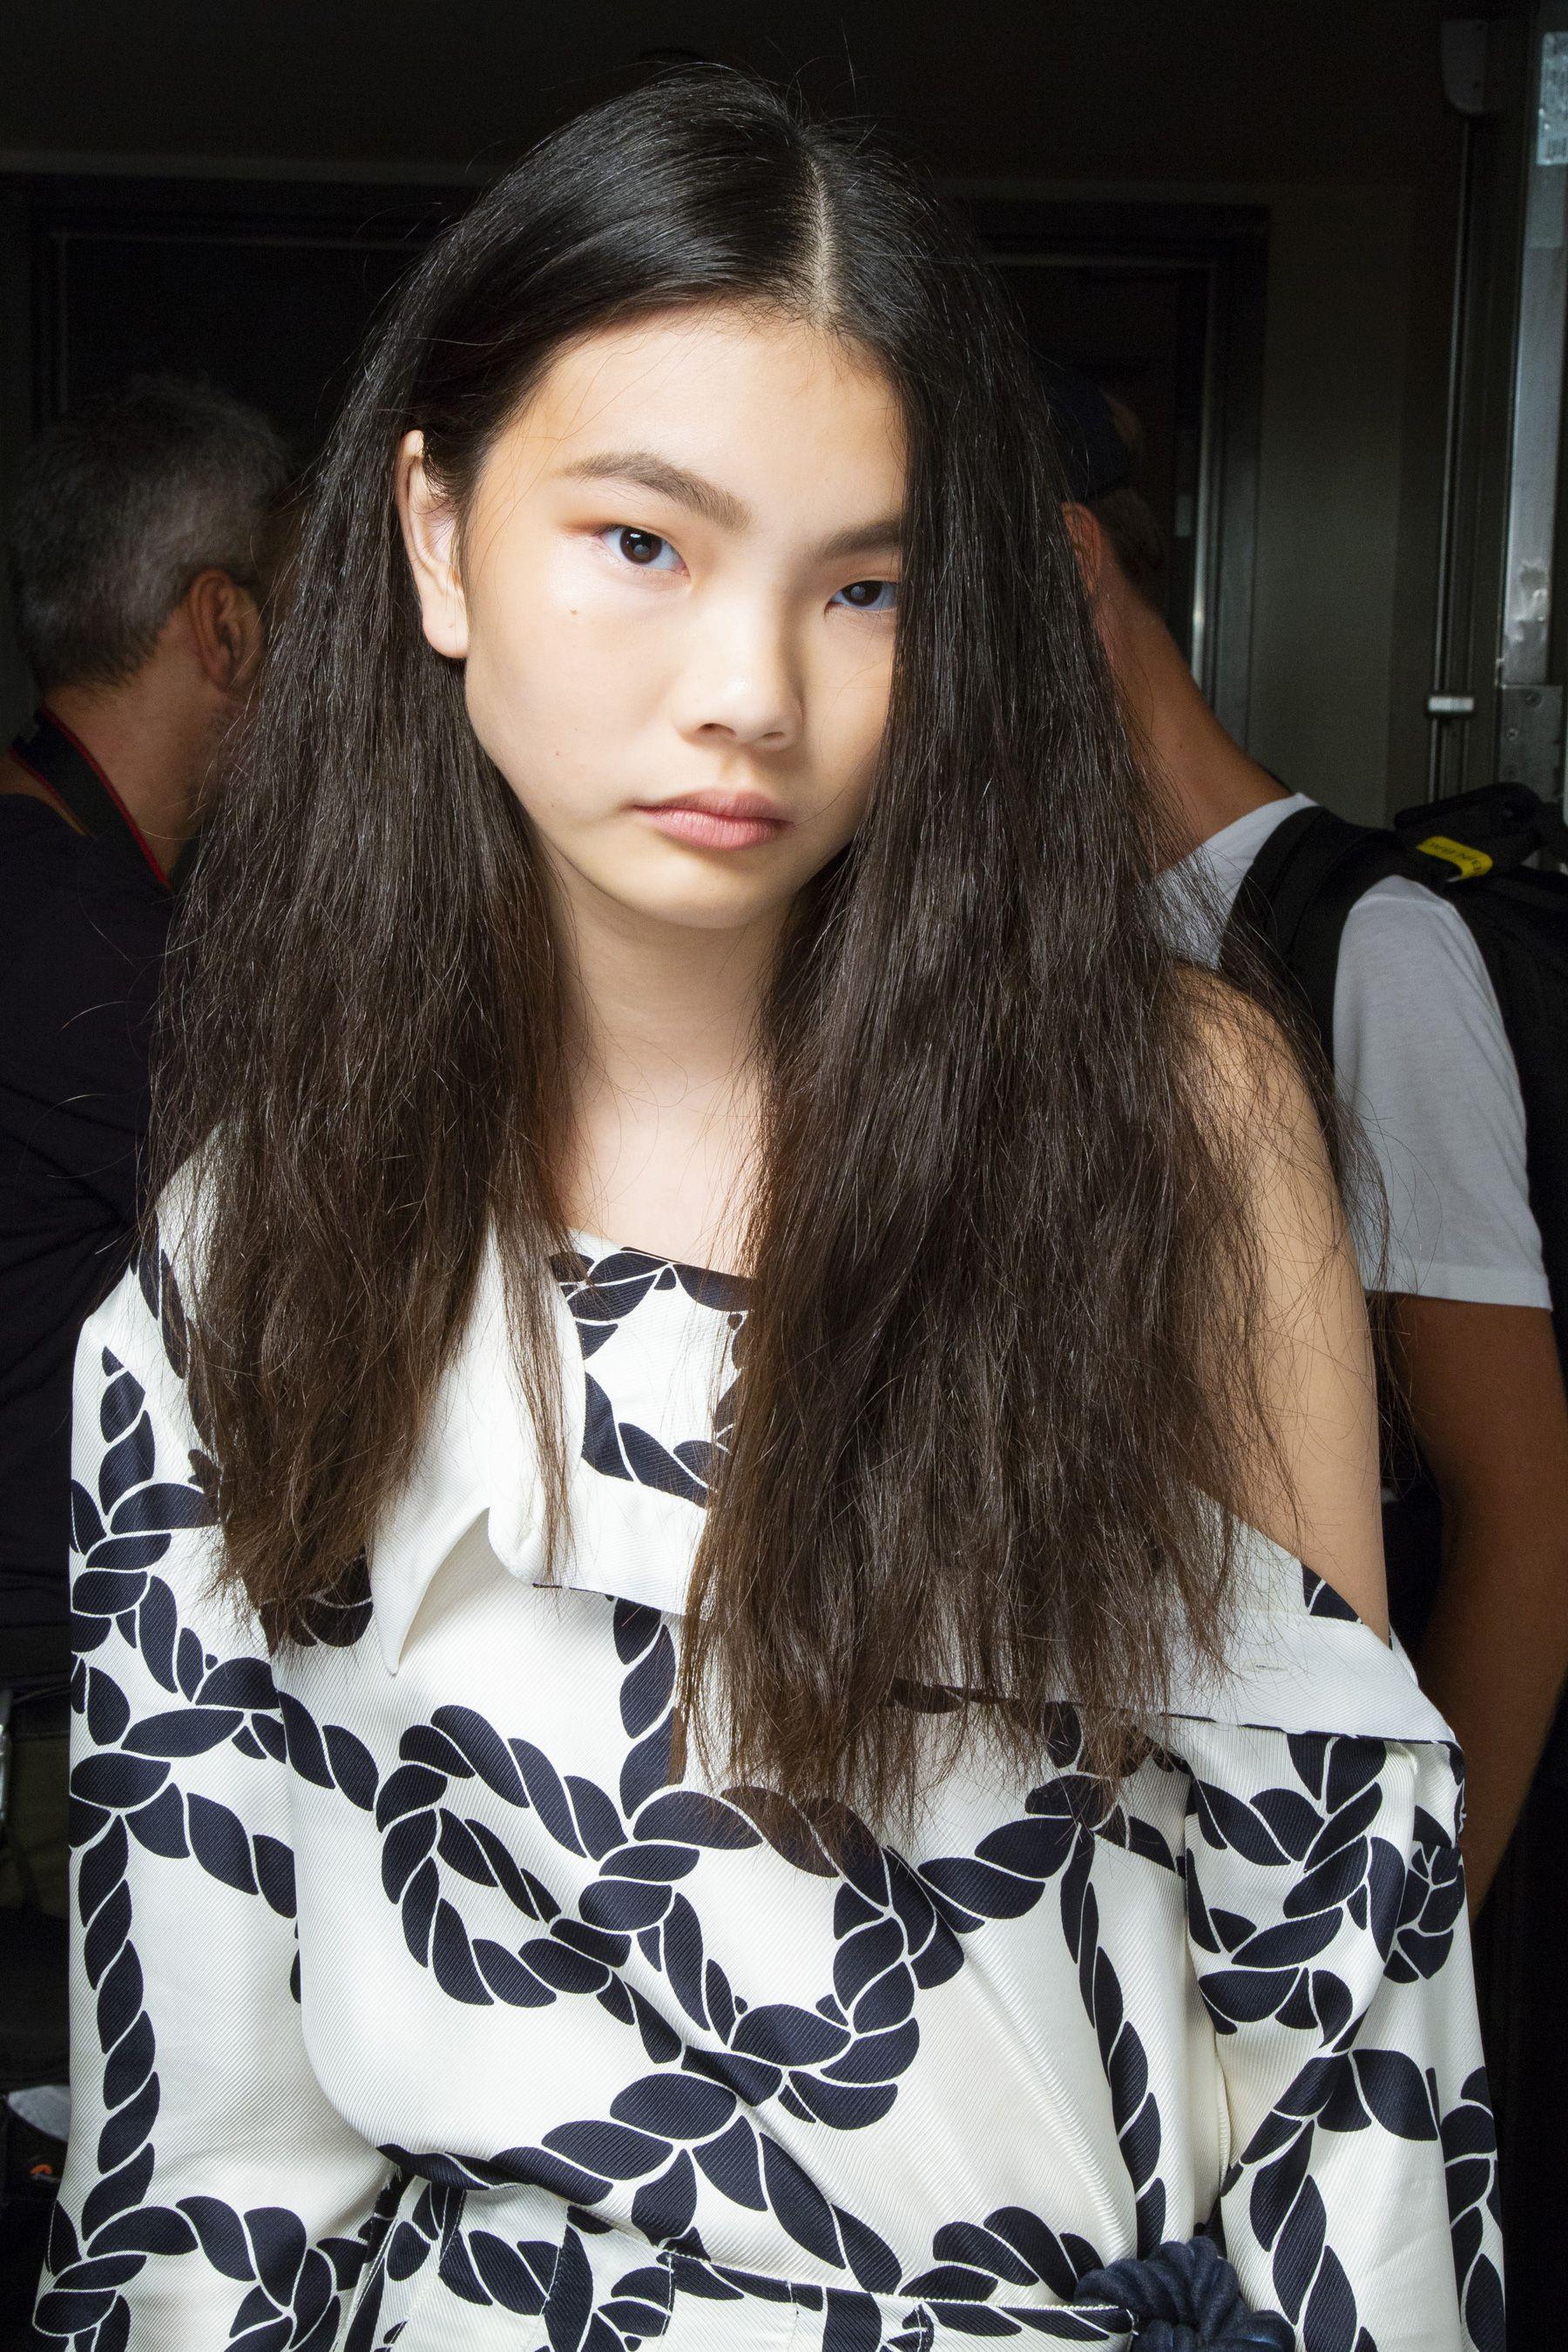 Asian girl calender 2008